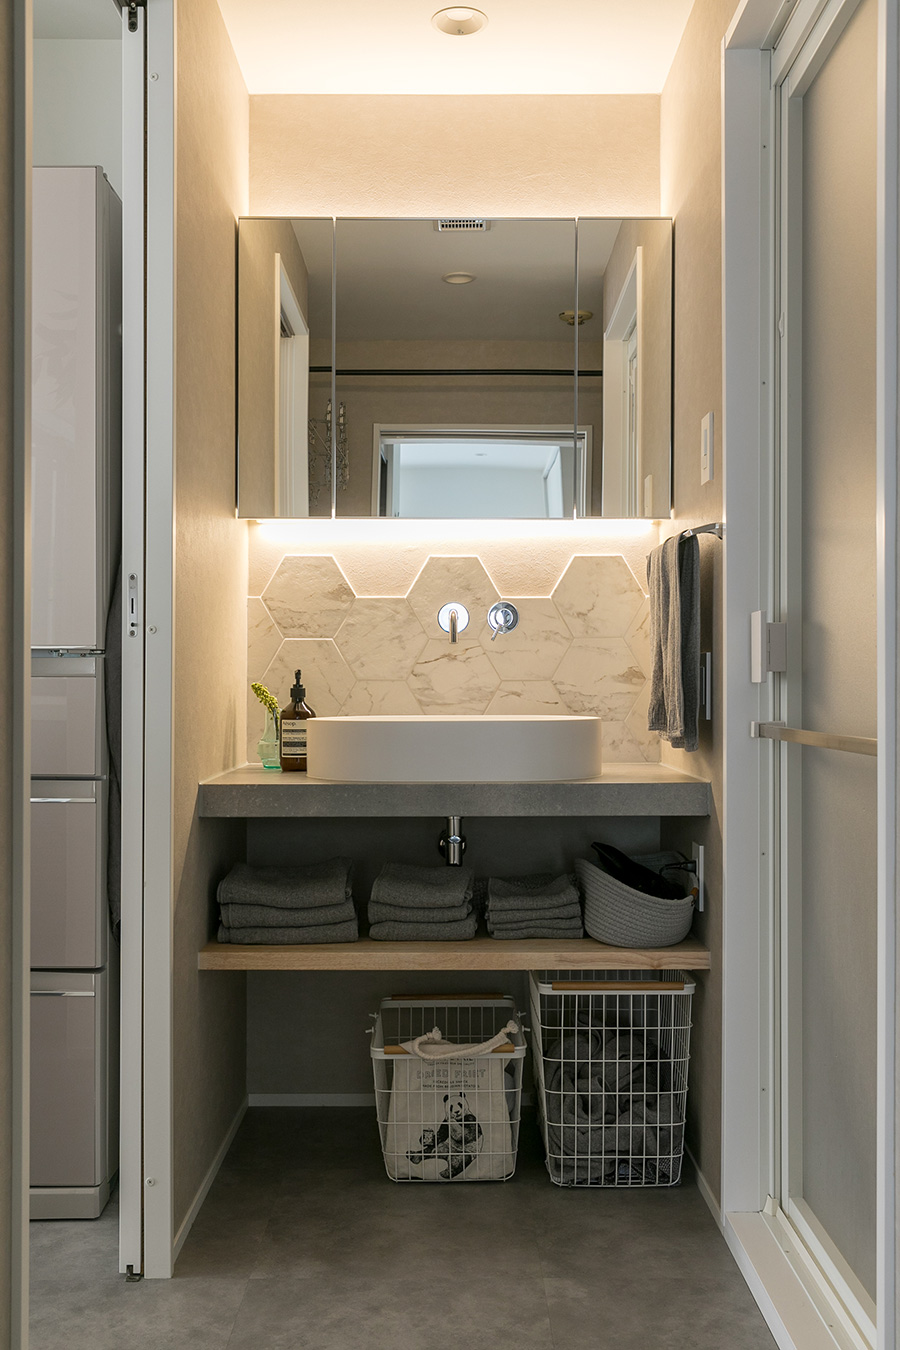 洗面台に貼られているのは名古屋モザイク工業社製のヘキサゴン型タイル。三面鏡下に設置された照明によりホテルライクな雰囲気を演出。